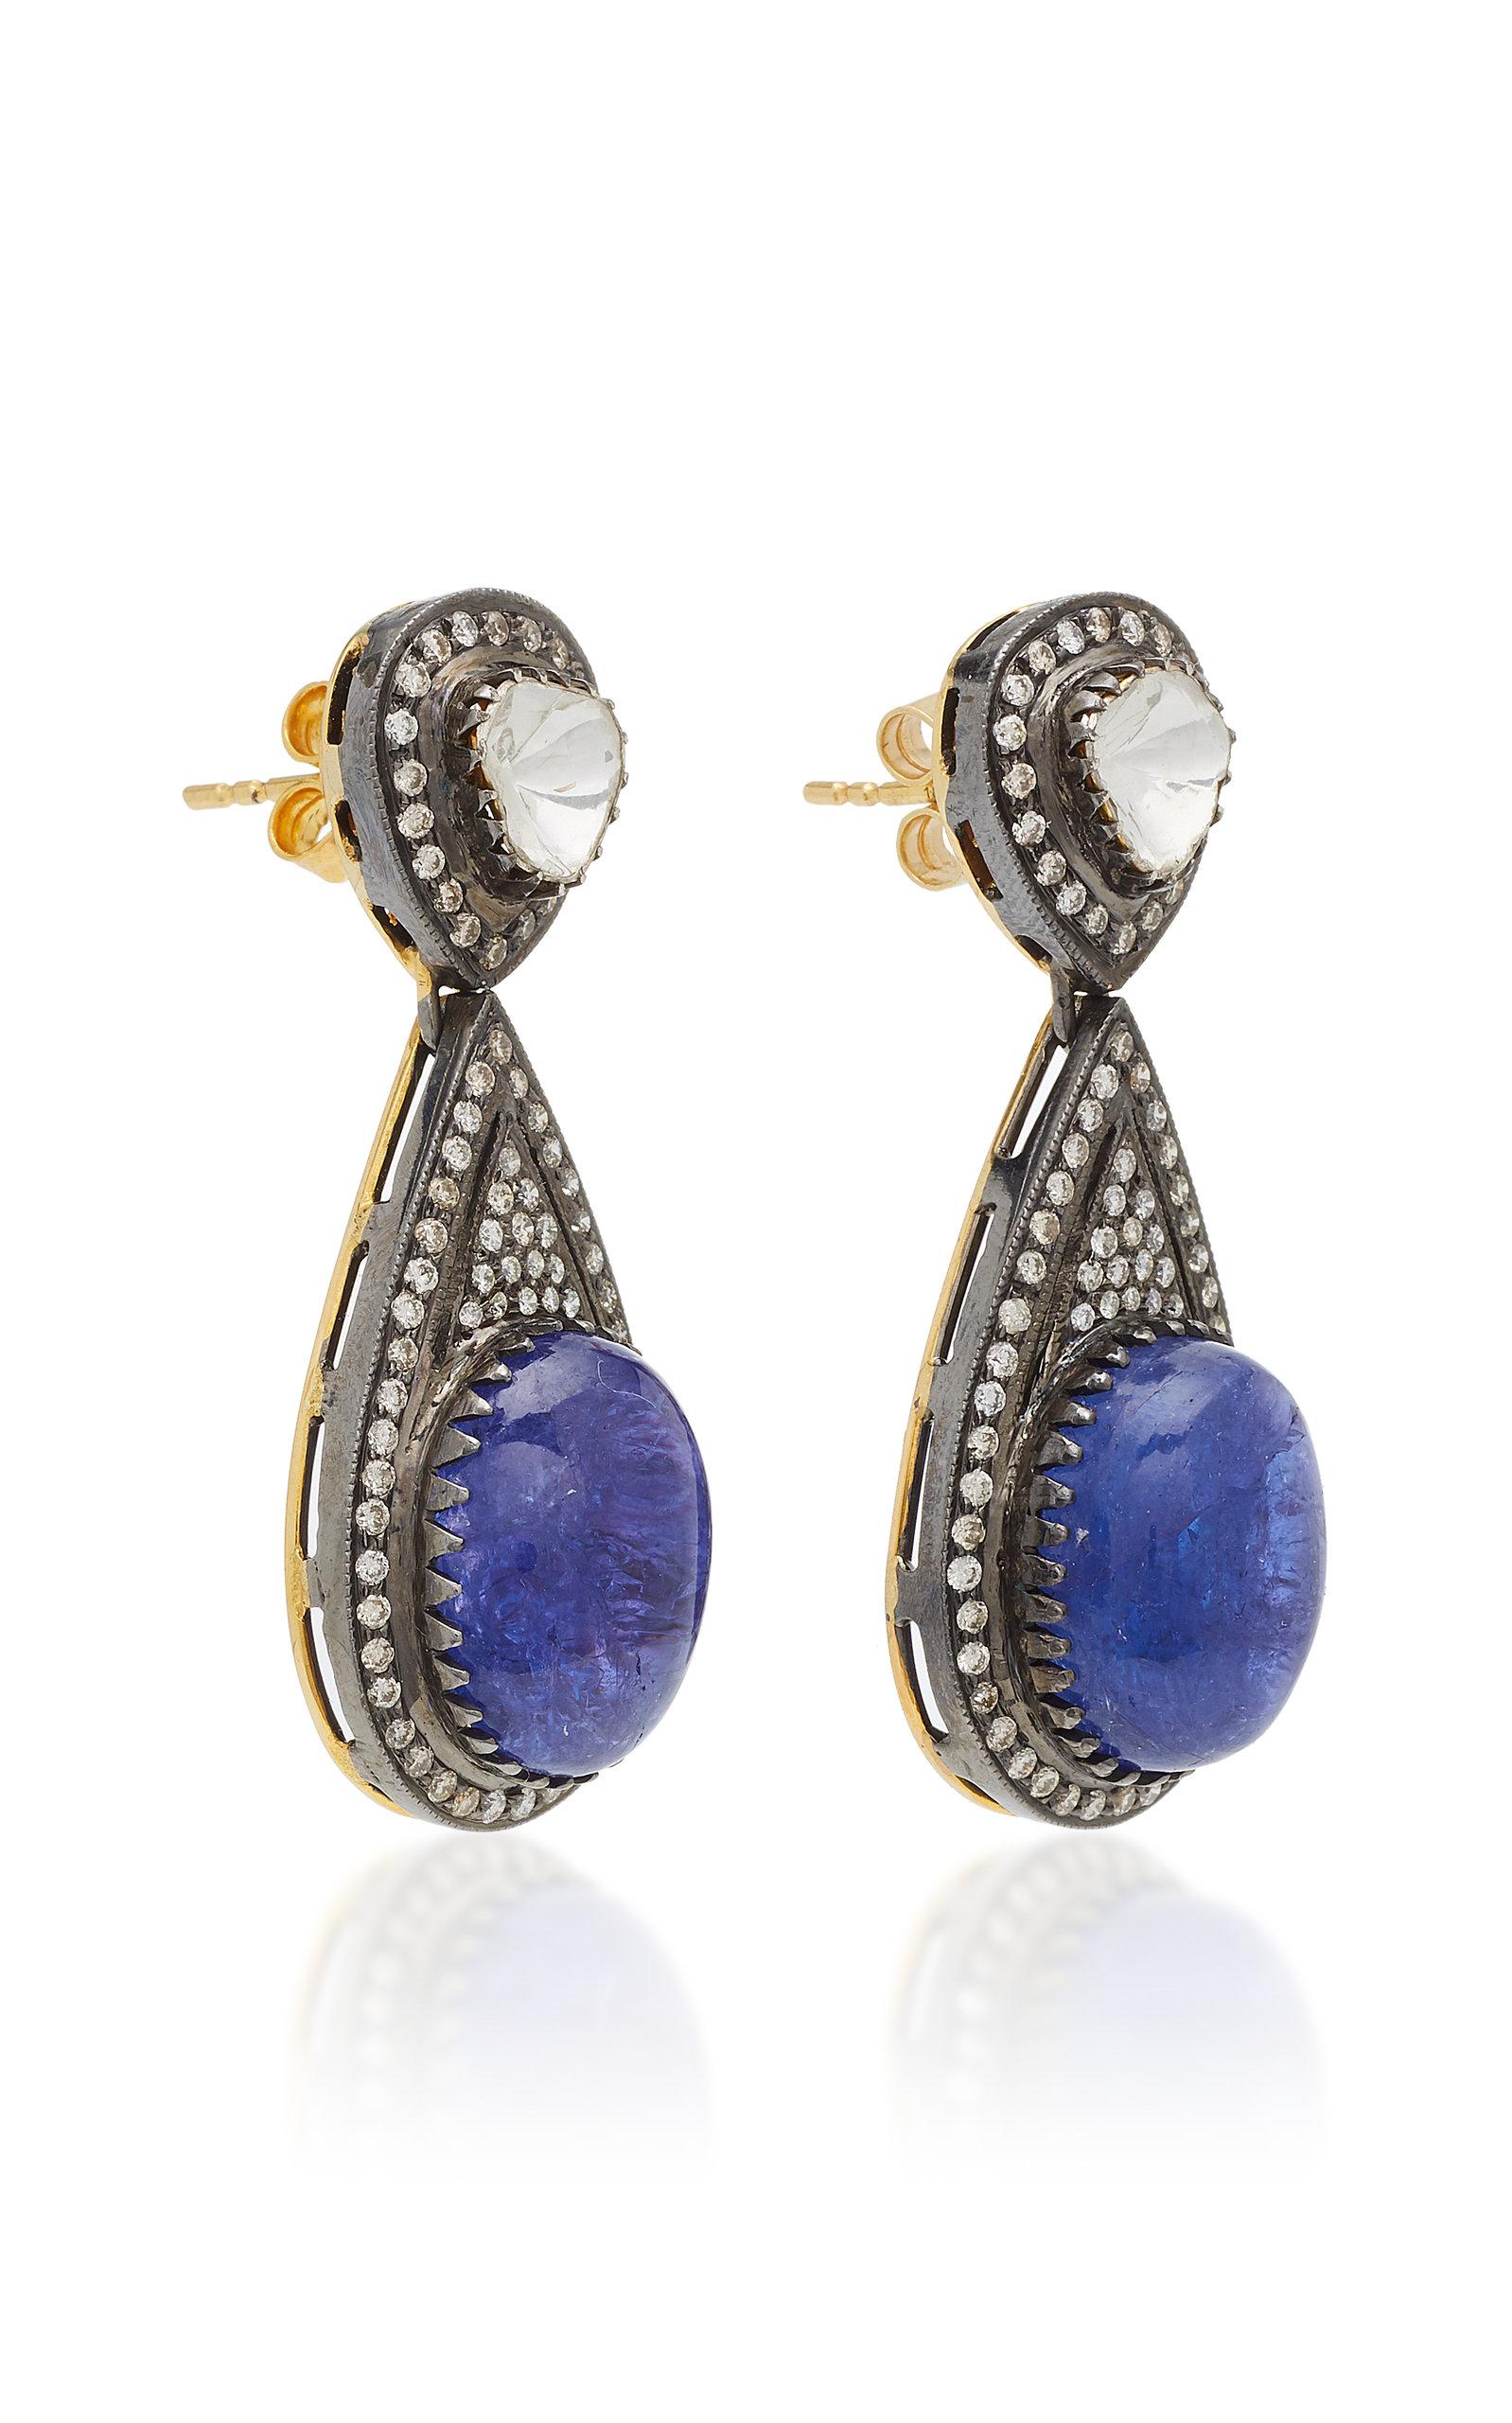 18K Gold Tanzanite And Diamond Earrings Amrapali uwPYVi8bn9